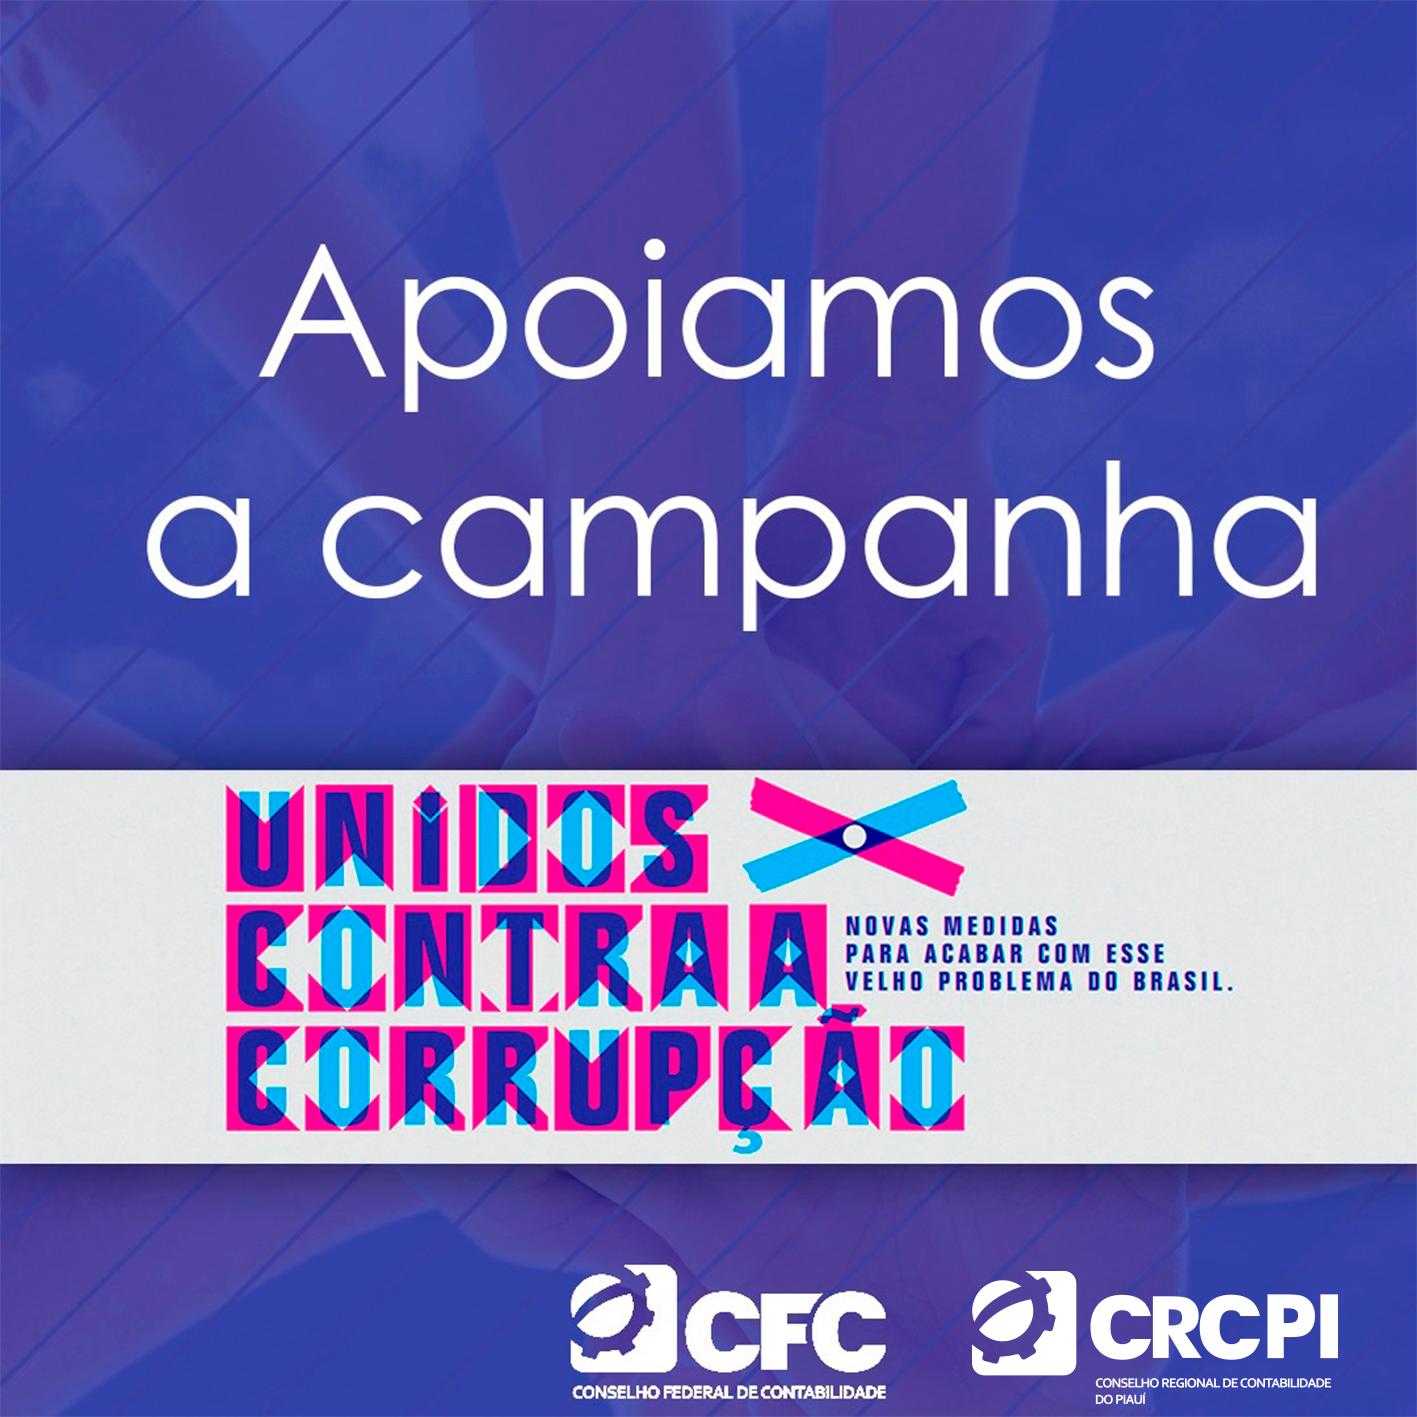 CRC-PI apoia a campanha Unidos Contra a Corrupção